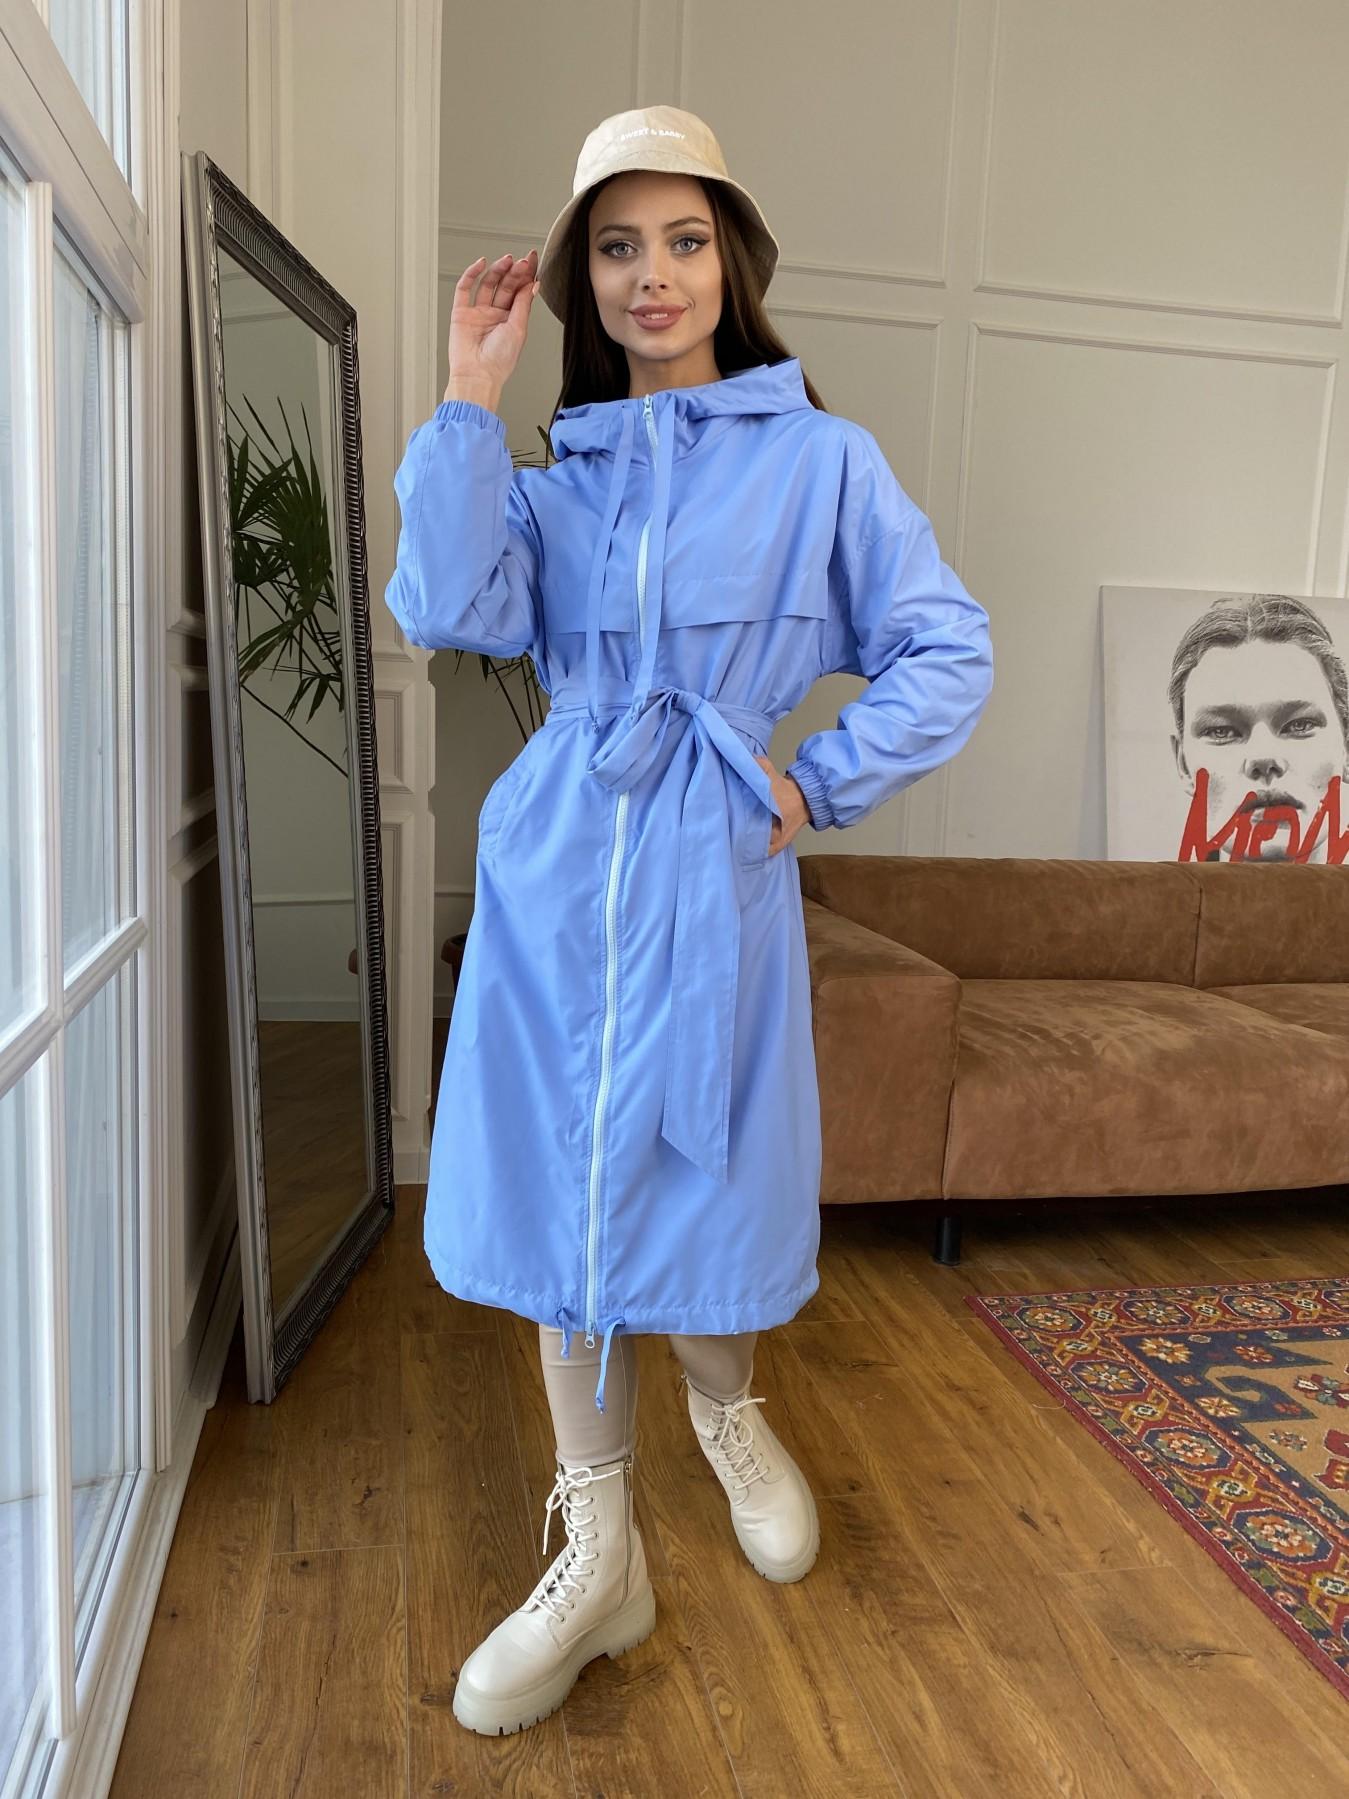 Микси ветровка из плащевки Ammy 11095 АРТ. 47606 Цвет: Голубой - фото 7, интернет магазин tm-modus.ru